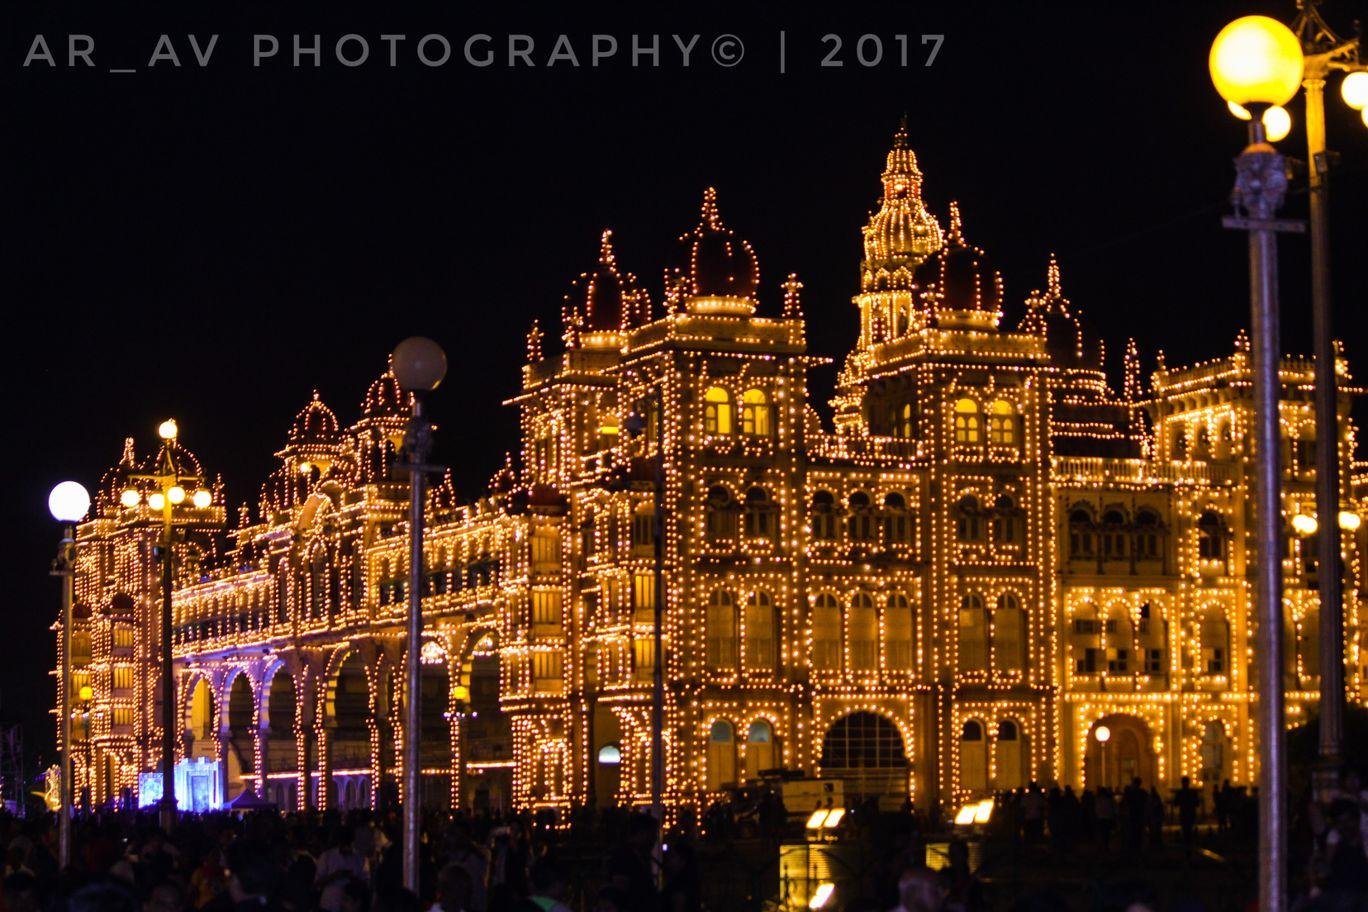 Photo of ಮೈಸೂರು ಅರಮನೆ By YashwanthAVY